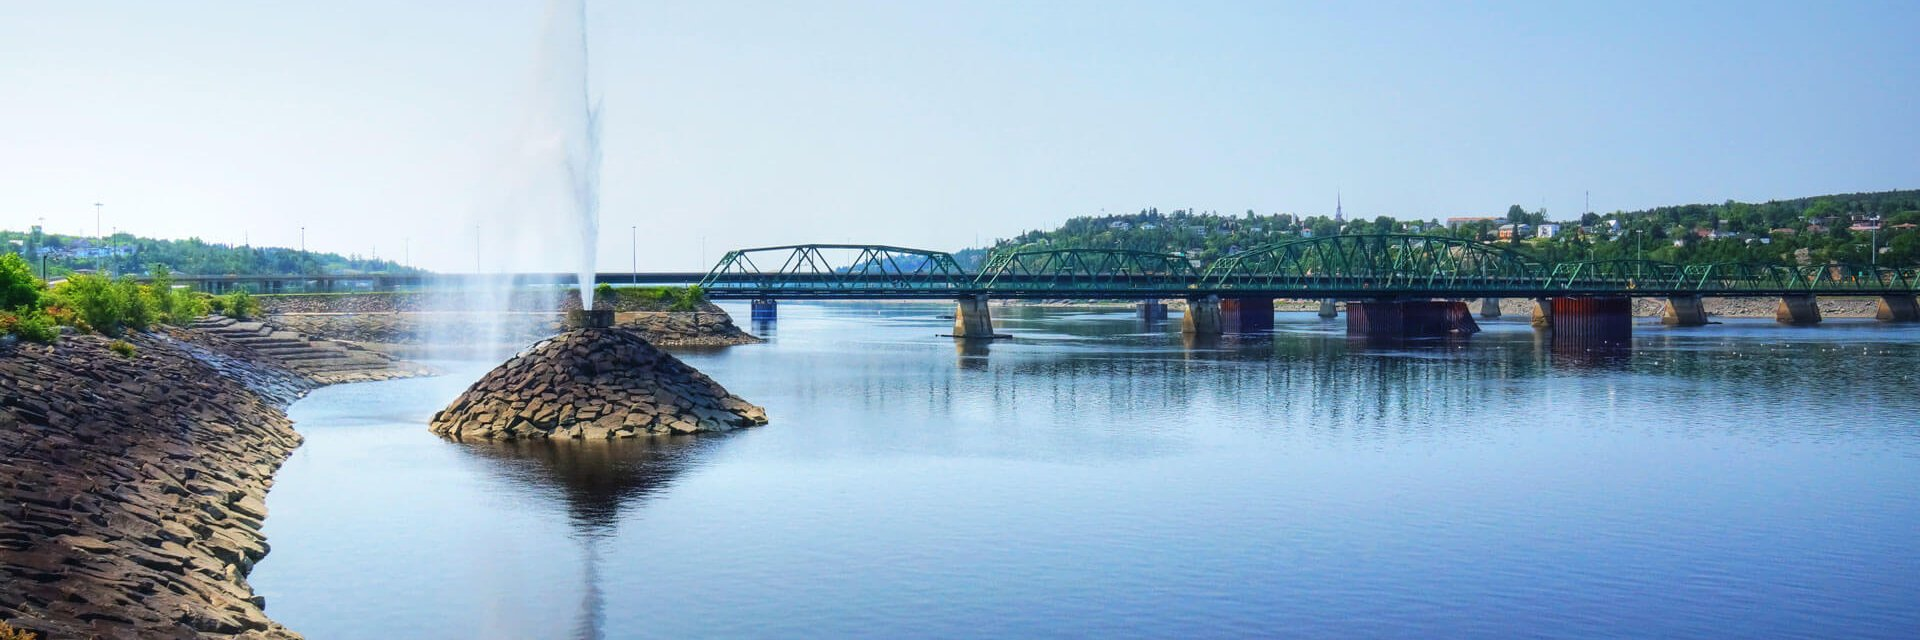 Les incontournables du Saguenay-Lac-Saint-Jean